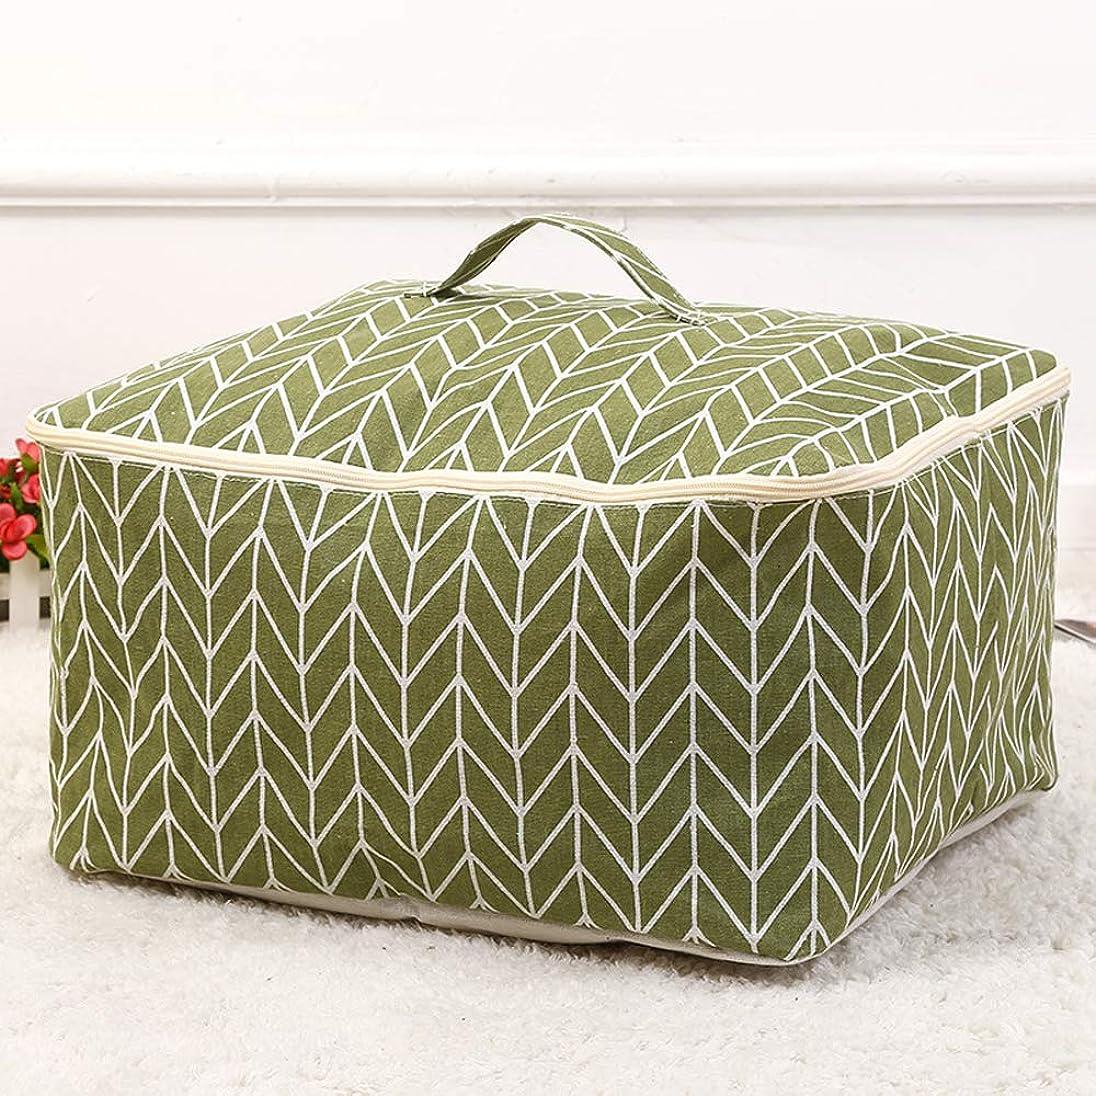 クラッシュビジョンメダリストNictrue ふとん 収納袋 衣類収納 布団袋 持ち手 引っ越し 収納ボックス 通気性 湿気防止 布団 ケース